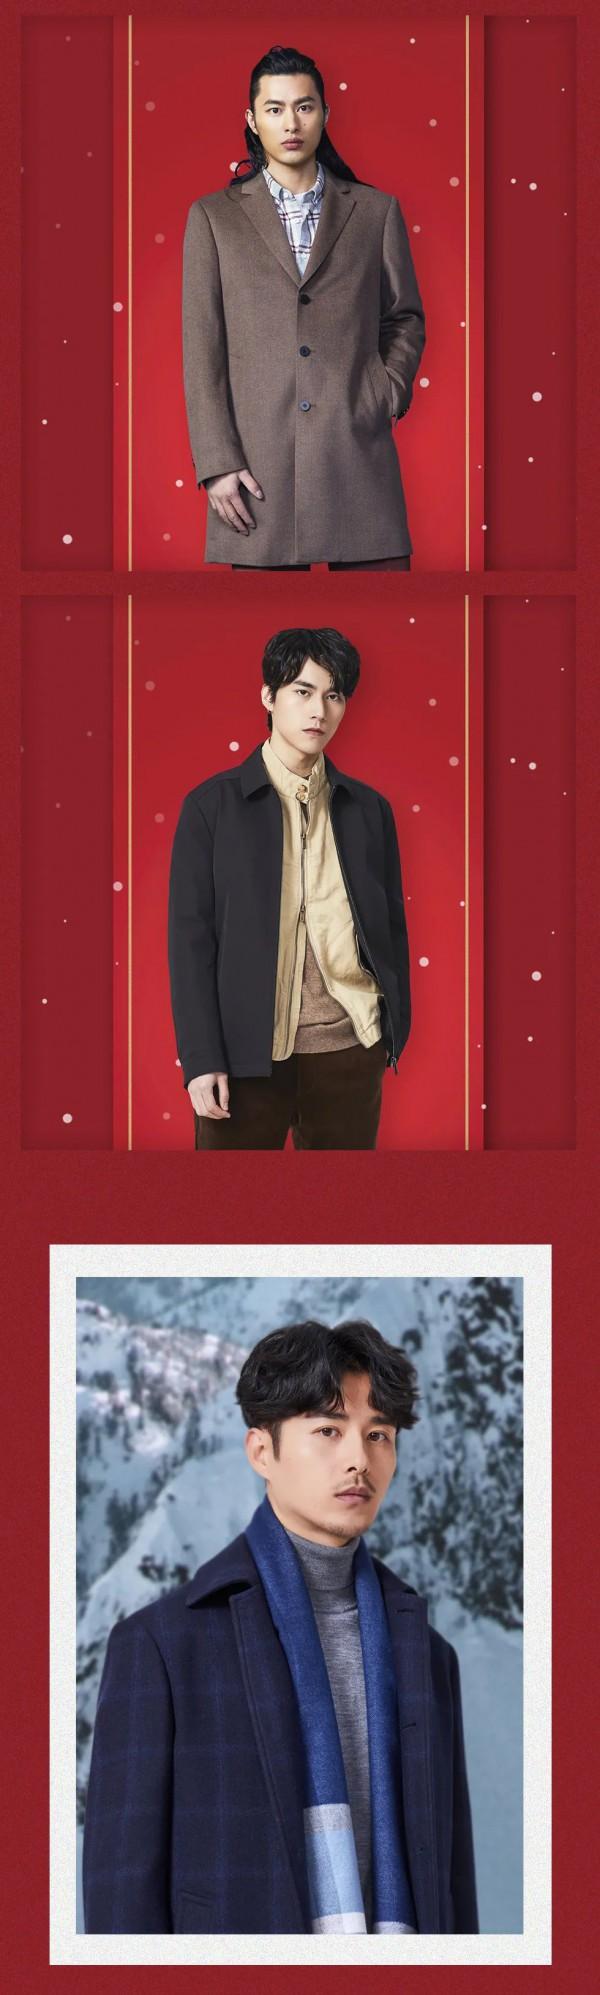 男生冬天怎么穿暖和又有型 步森幫你溫暖這個跨年